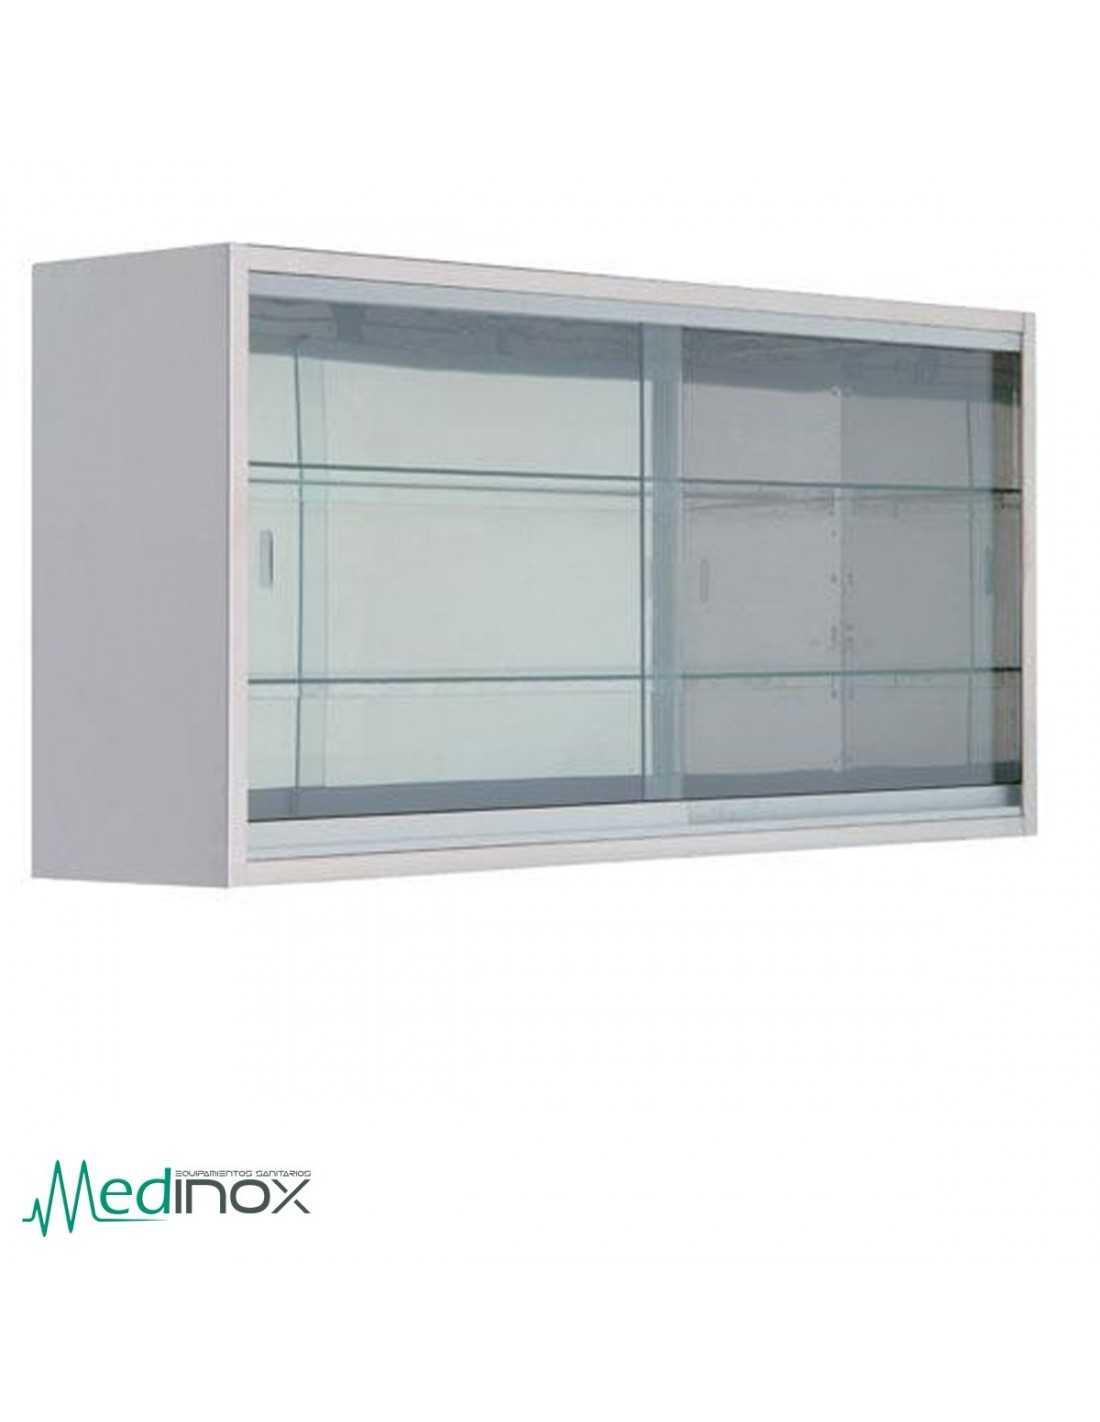 Vitrinas de pared ic24156 para medicamentos 120 l x 30 l - Vitrinas de pared para colecciones ...